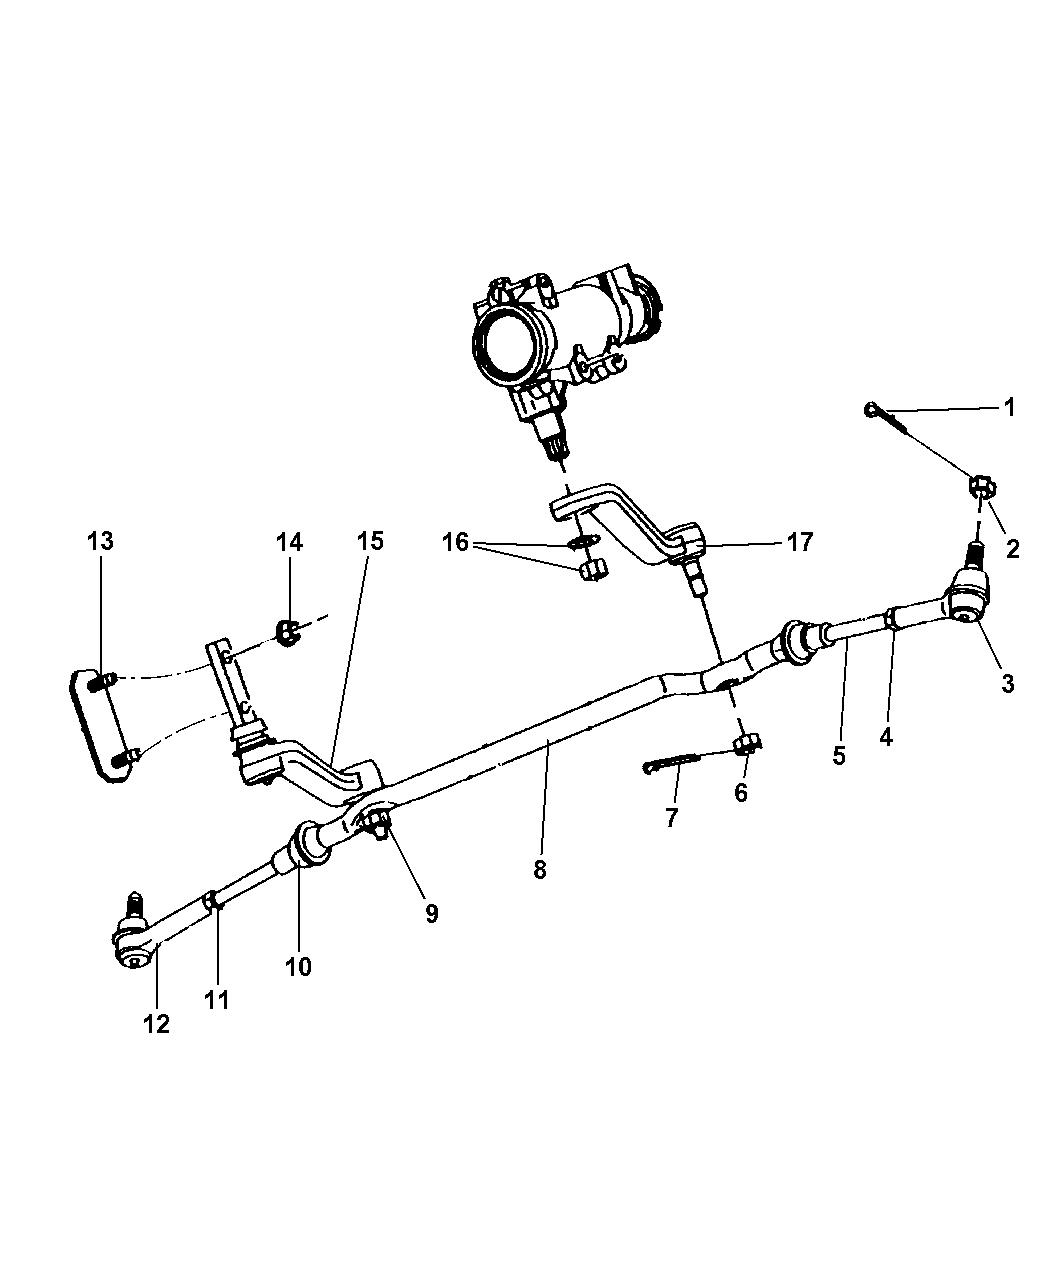 dodge parts diagram 1999 dodge front end parts diagram wiring diagrams resources  1999 dodge front end parts diagram